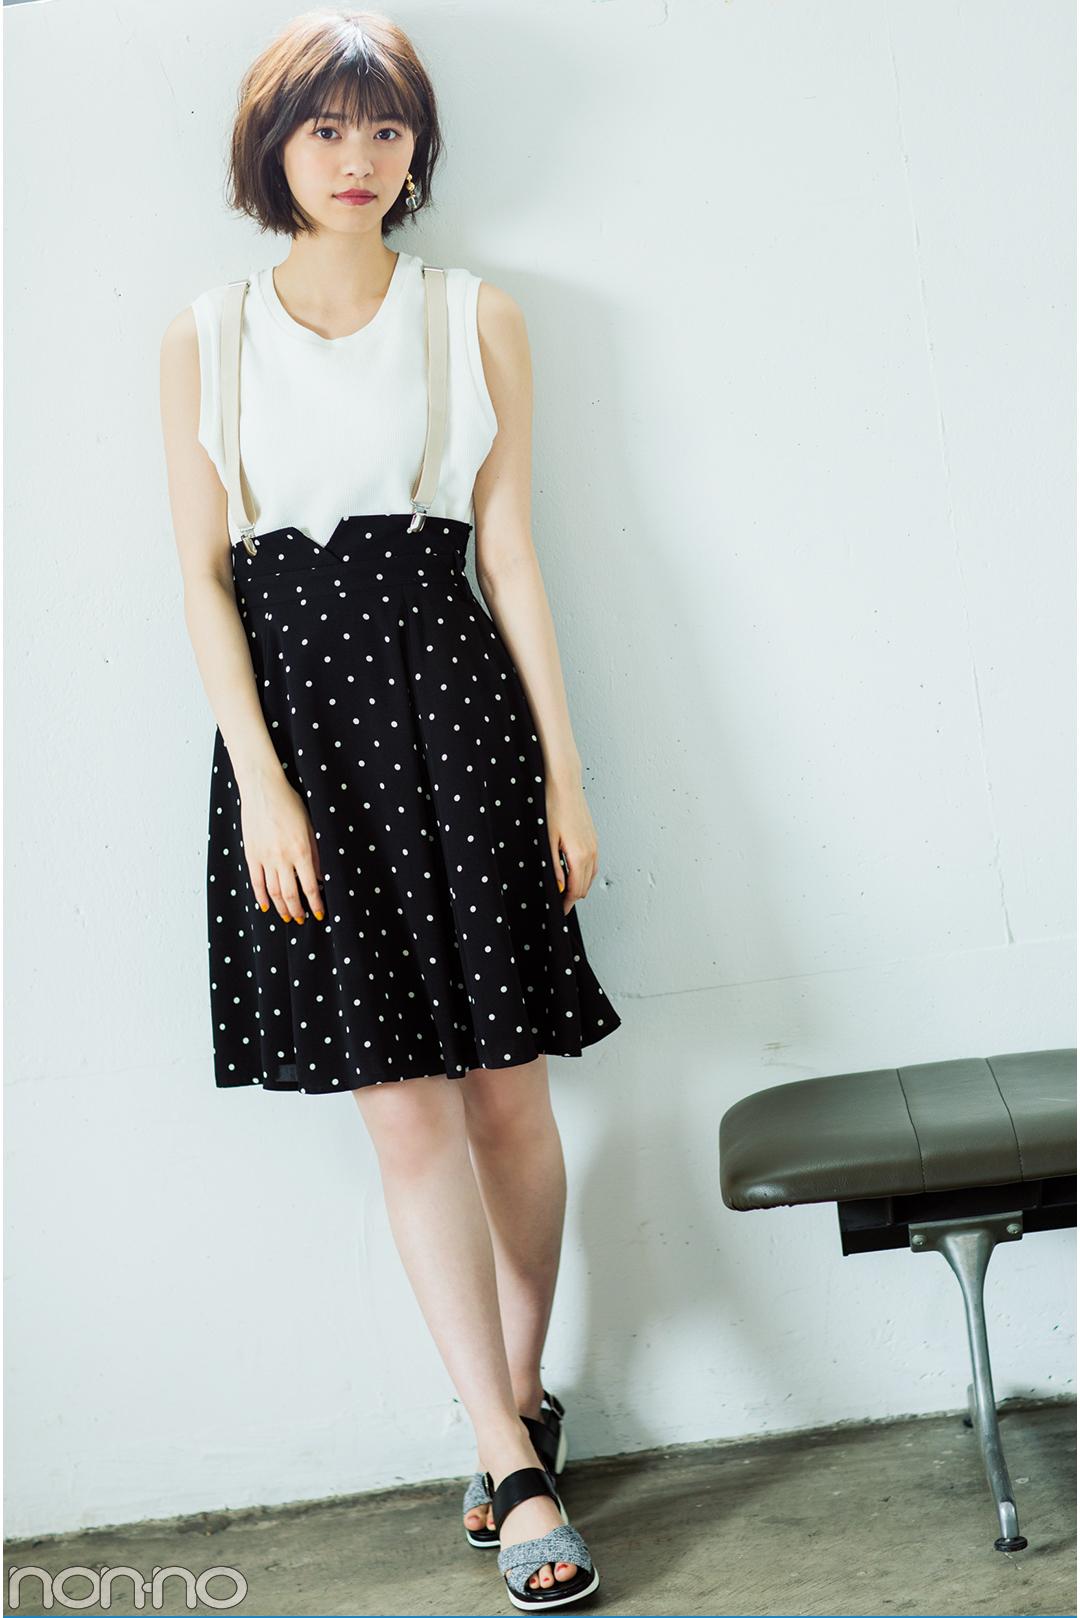 """子どもっぽく見えない!西野七瀬の""""甘く着ない""""夏のミニスカートが可愛い♡_1_3-2"""